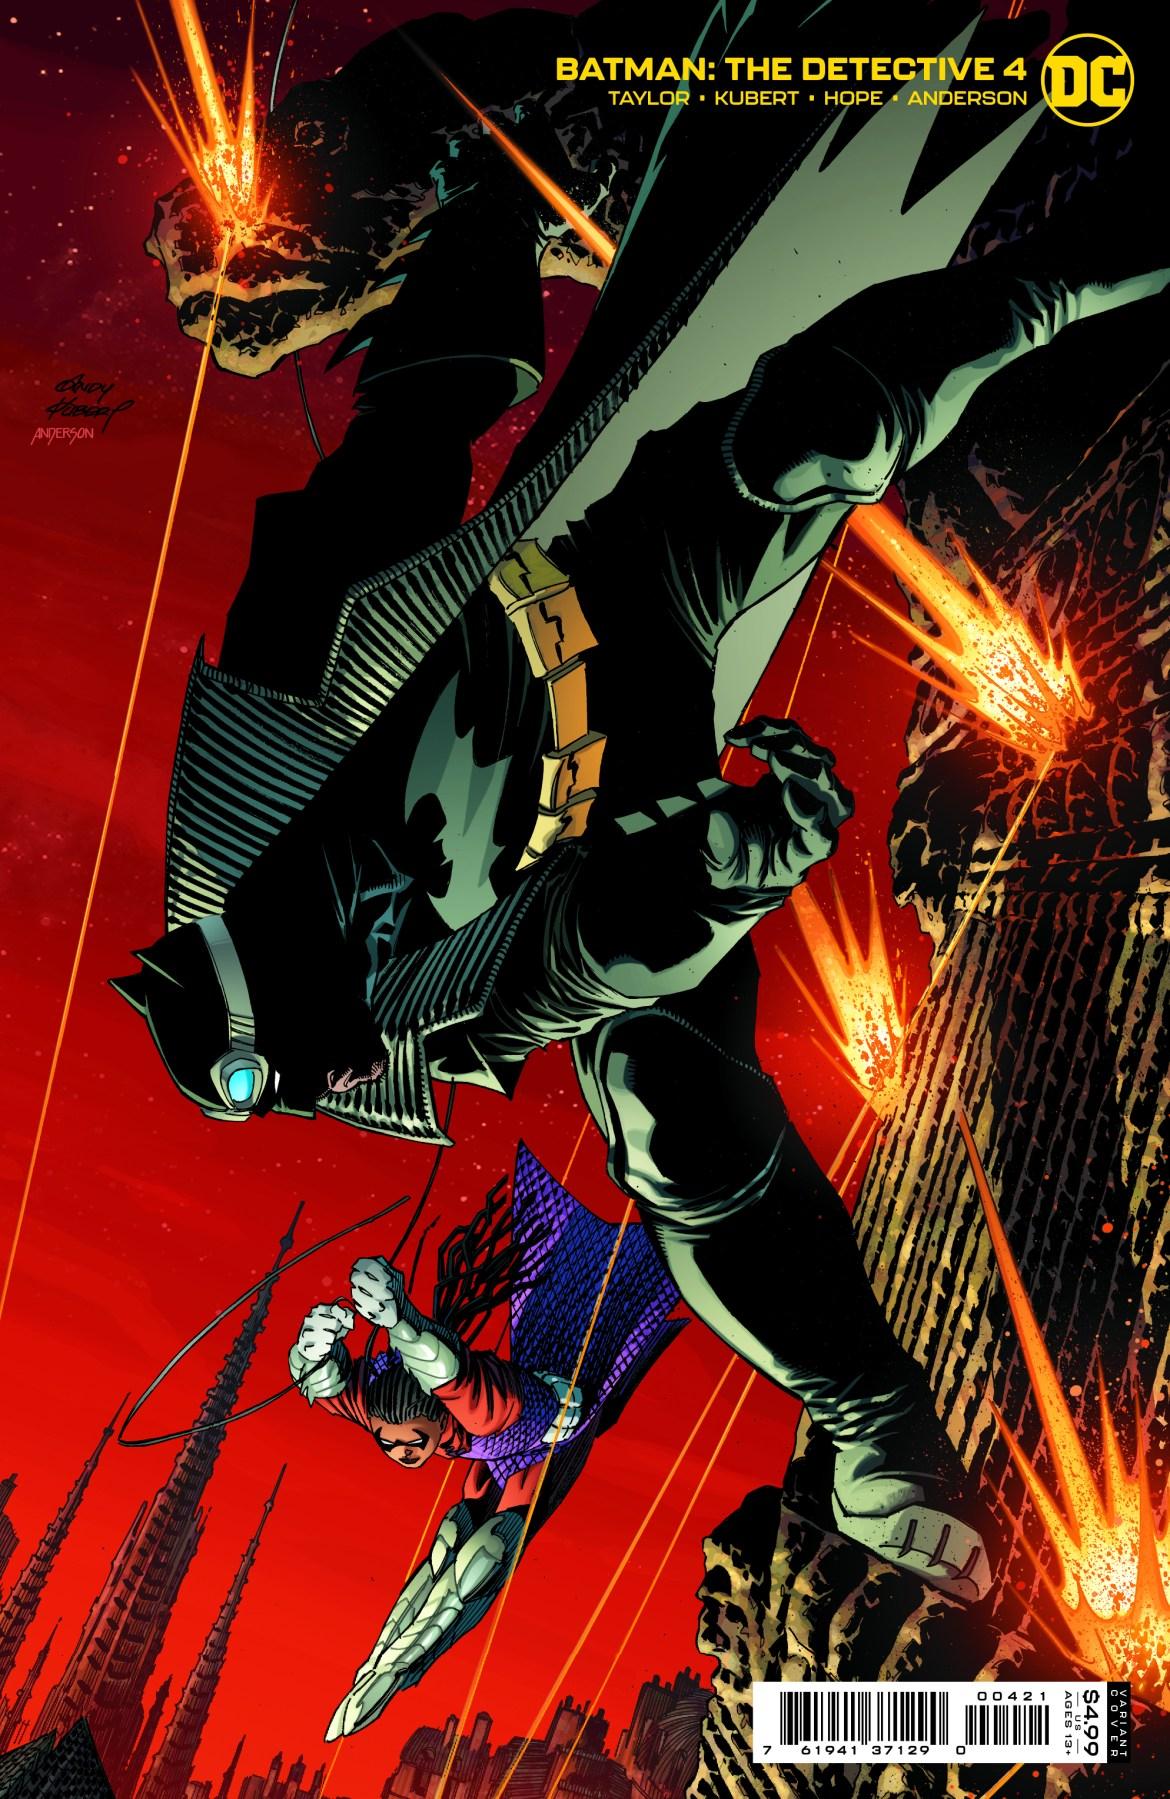 BMTD_Cv4_var DC Comics July 2021 Solicitations